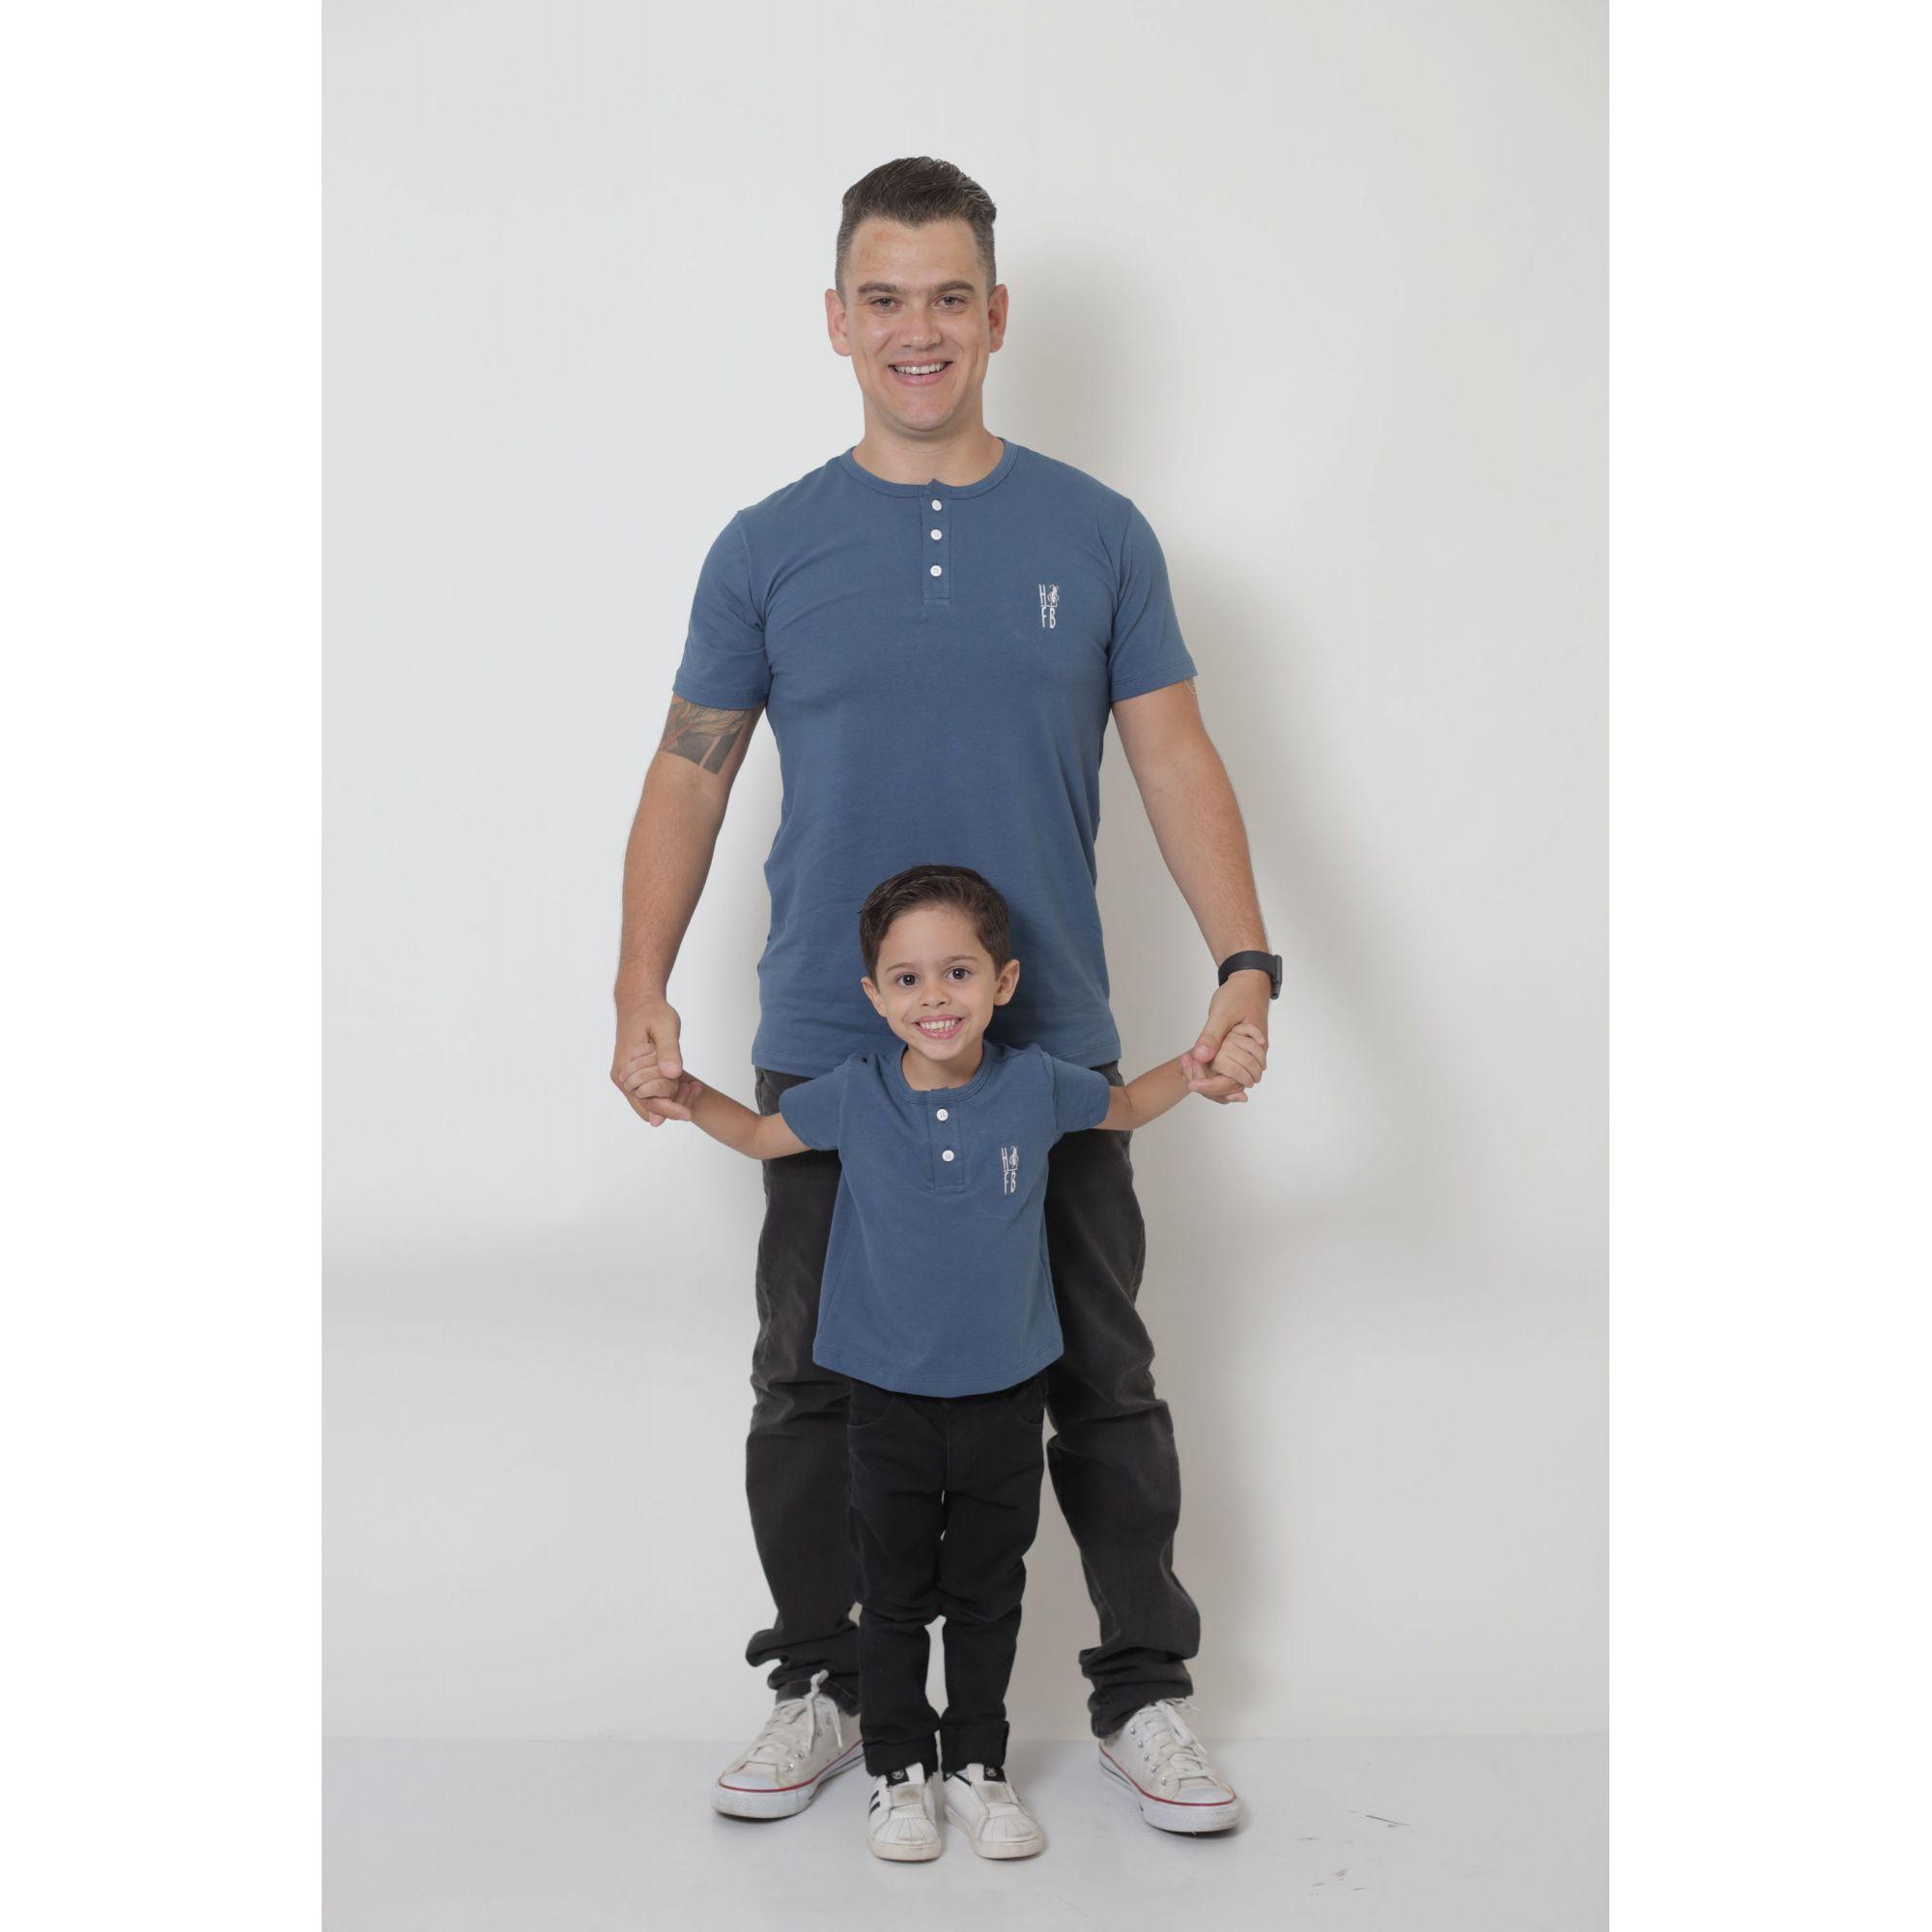 PAI E FILHO > 02 T-Shirts ou Body Henley - Azul Petróleo  [Coleção Tal Pai Tal Filho]